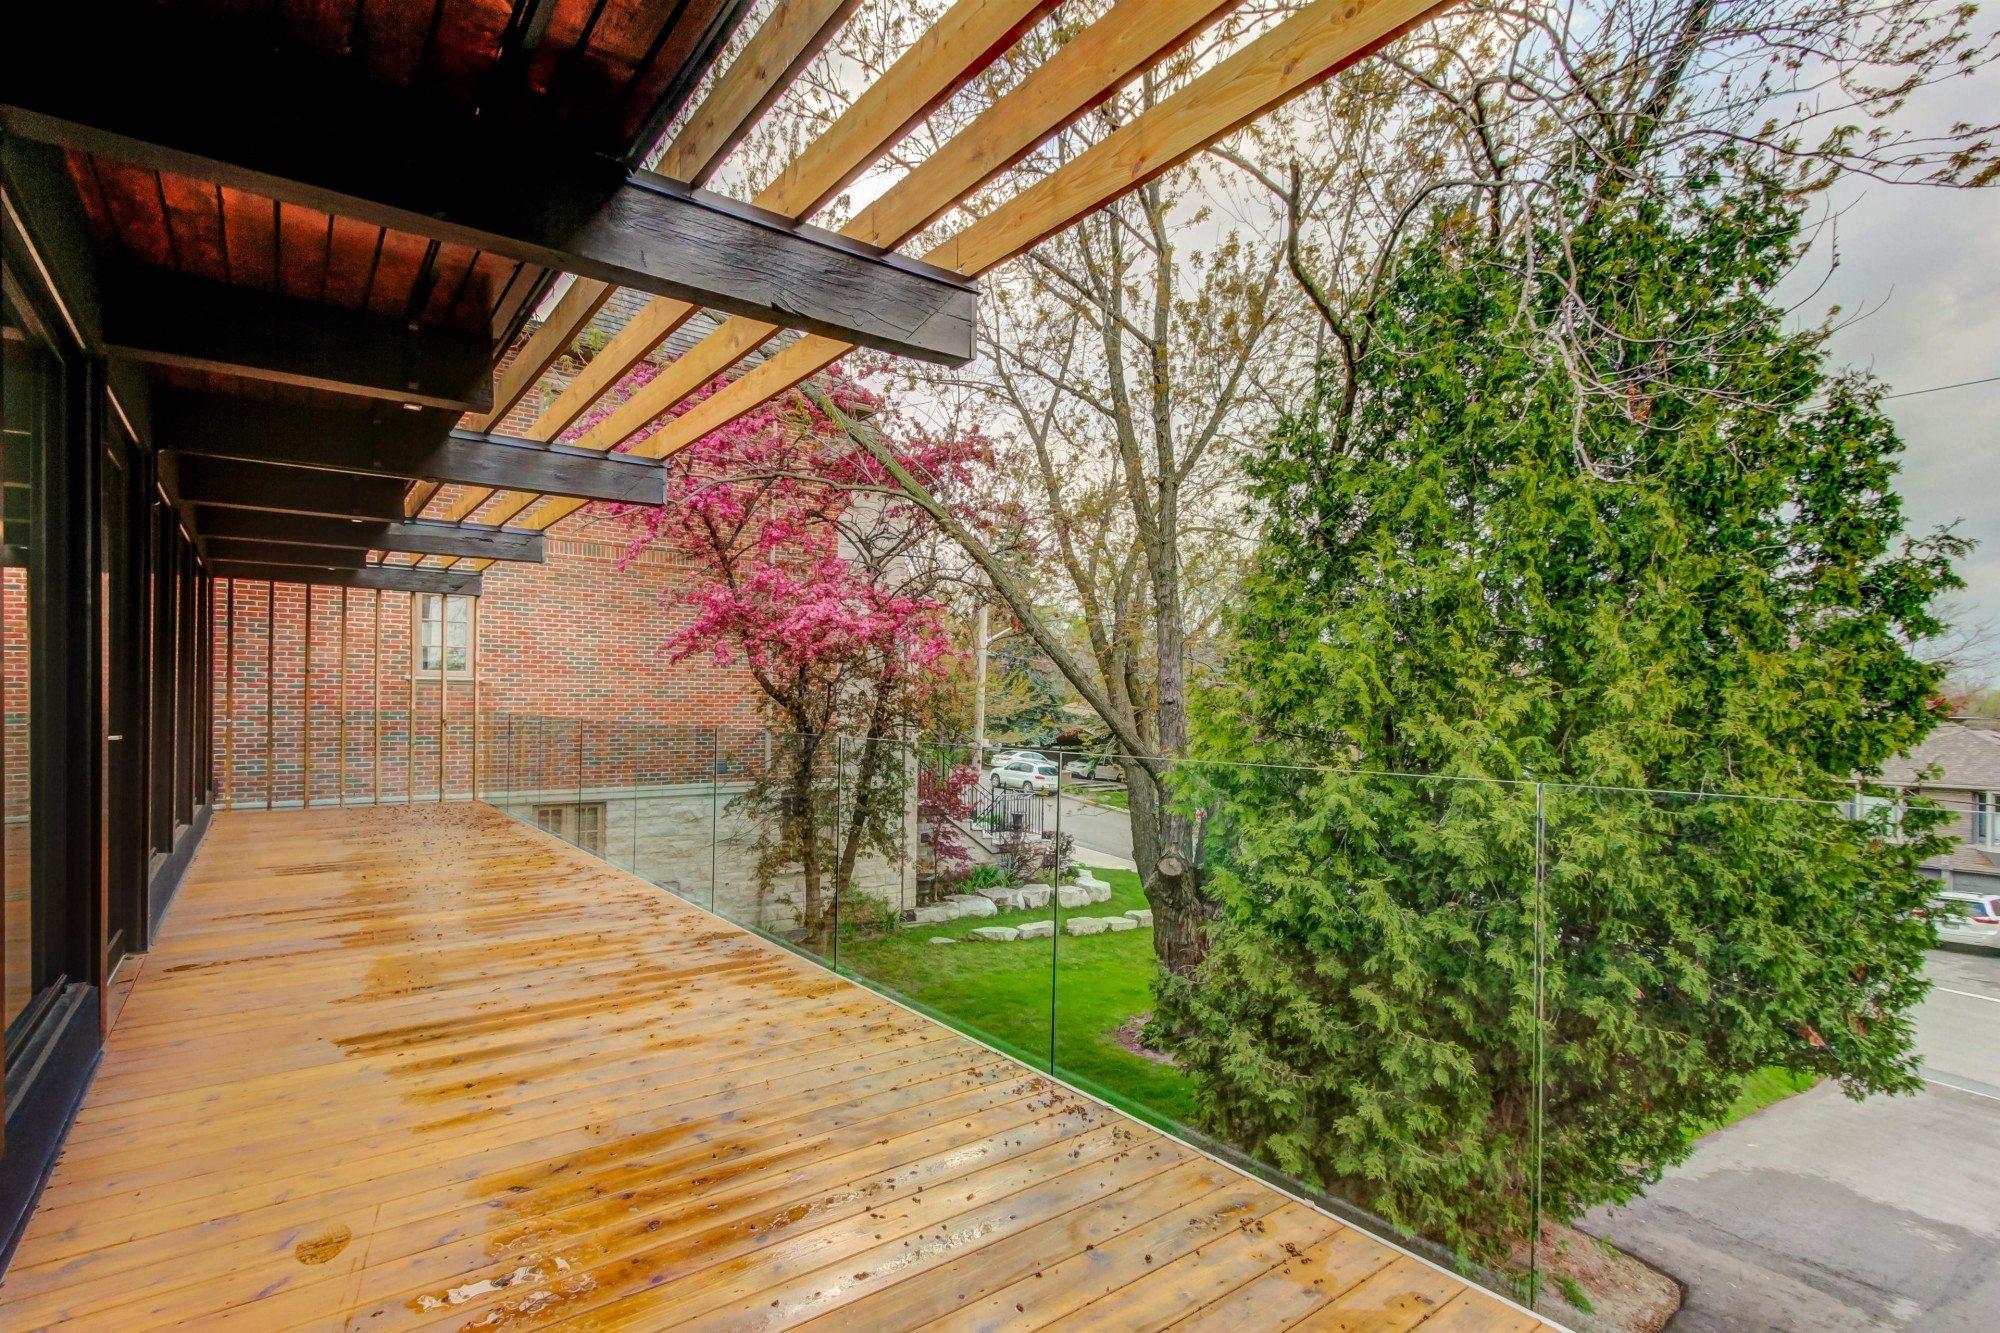 toronto-house-for-sale-307-hillhurst-boulevard-17